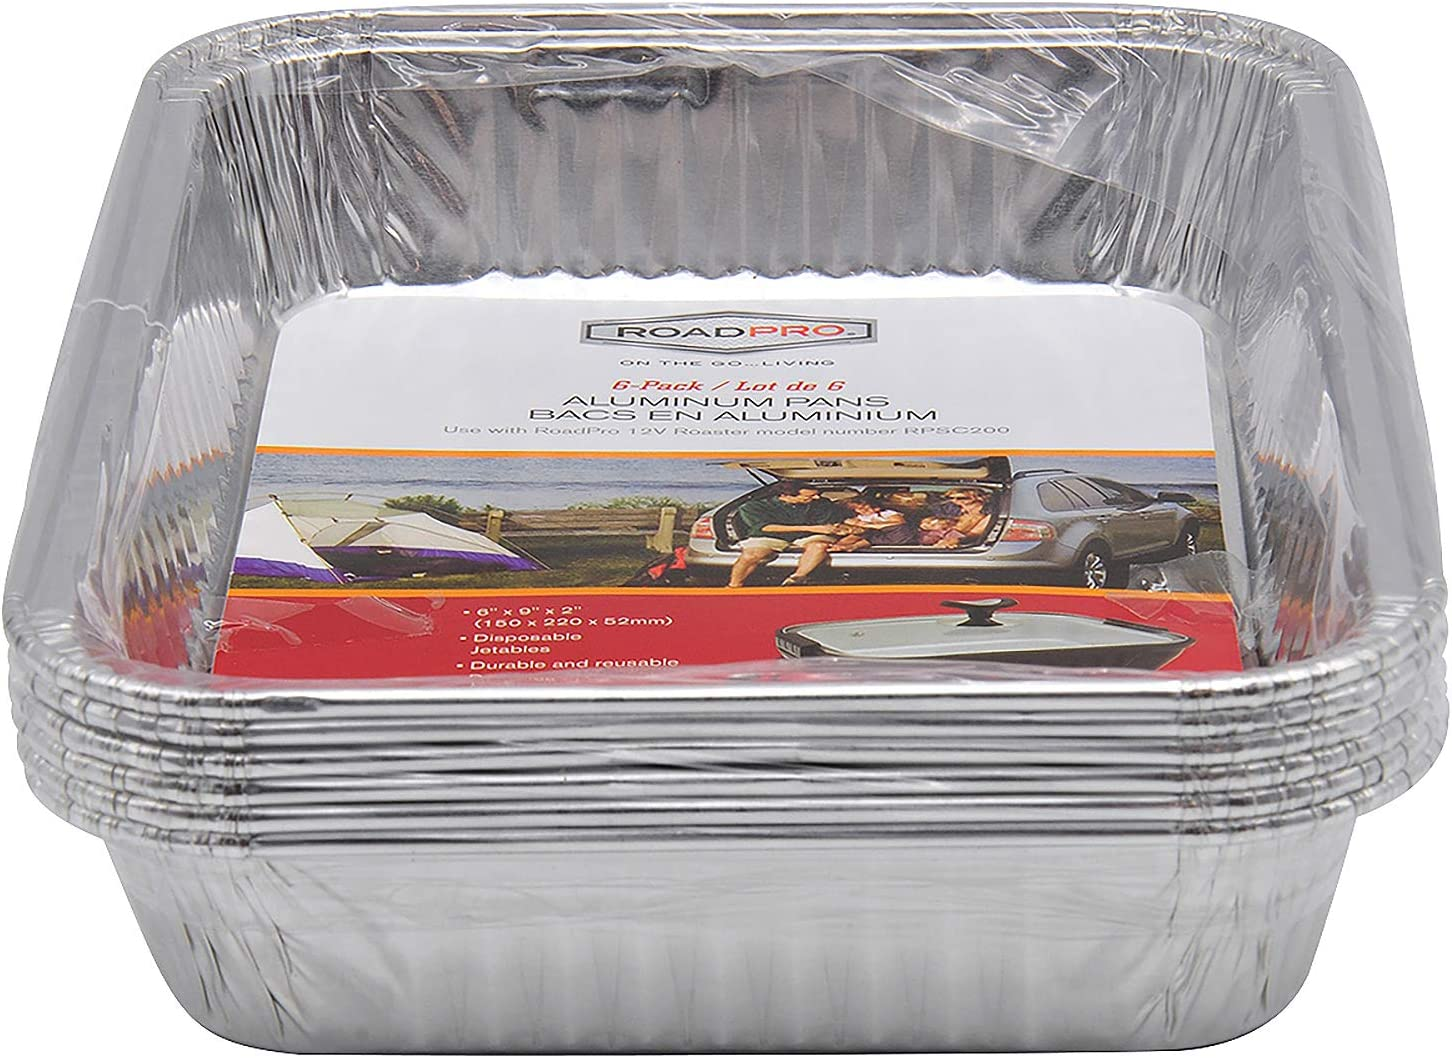 RoadPro Disposable Aluminum Foil Cooking Pans, 5